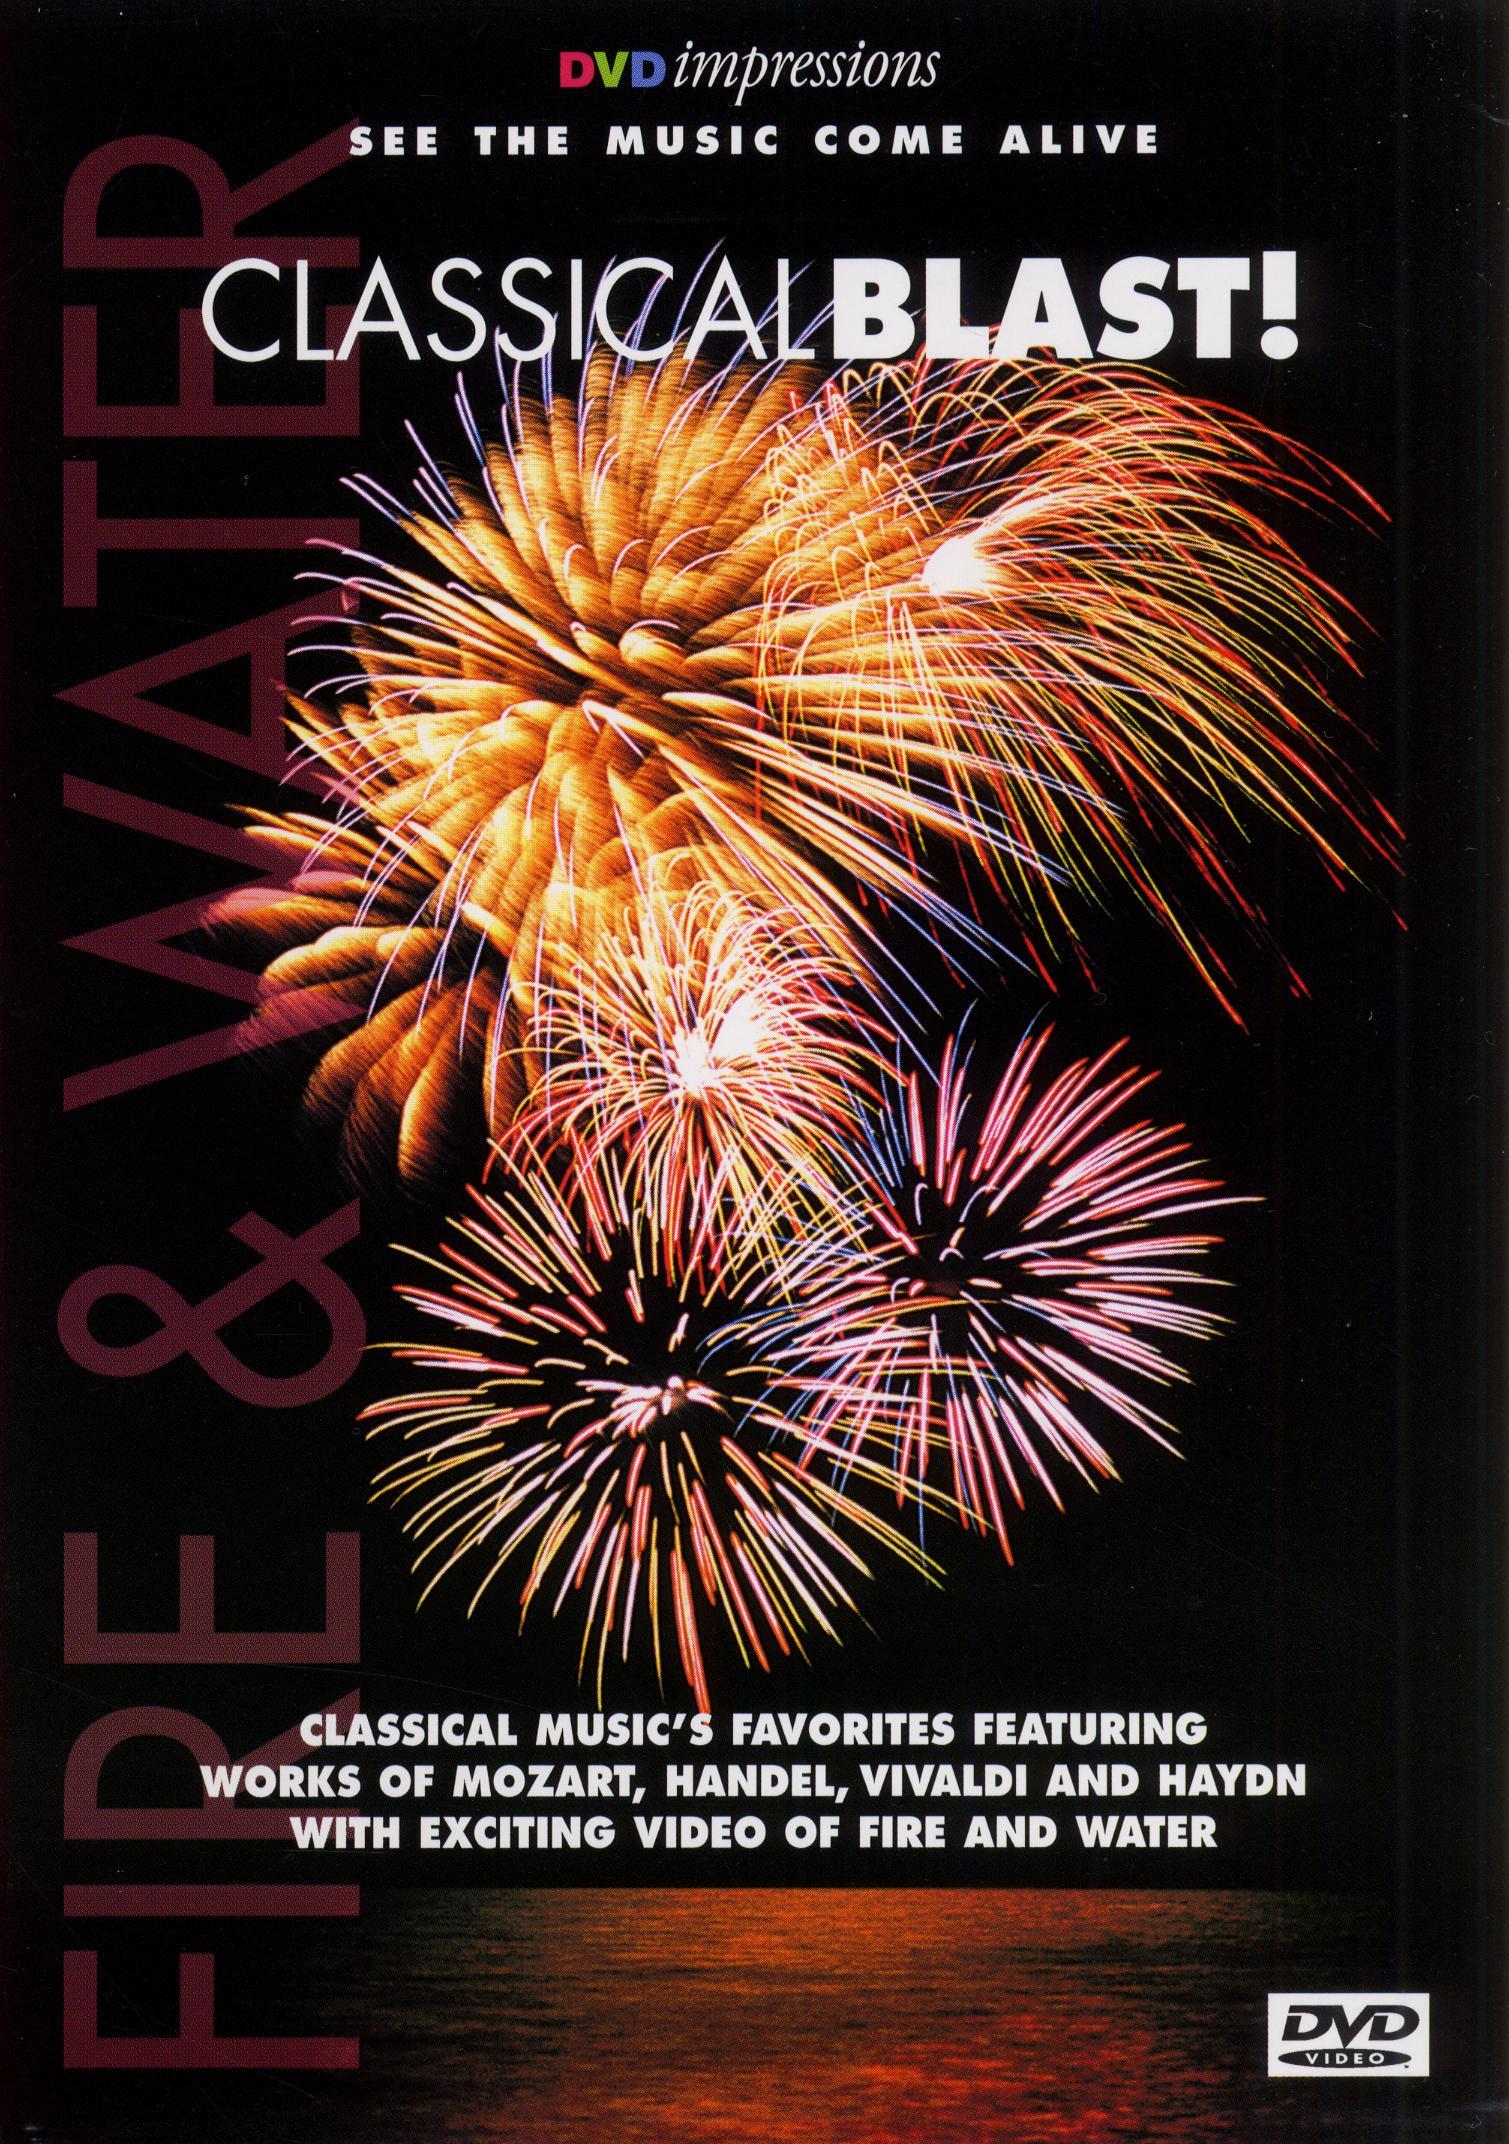 Classical Blast